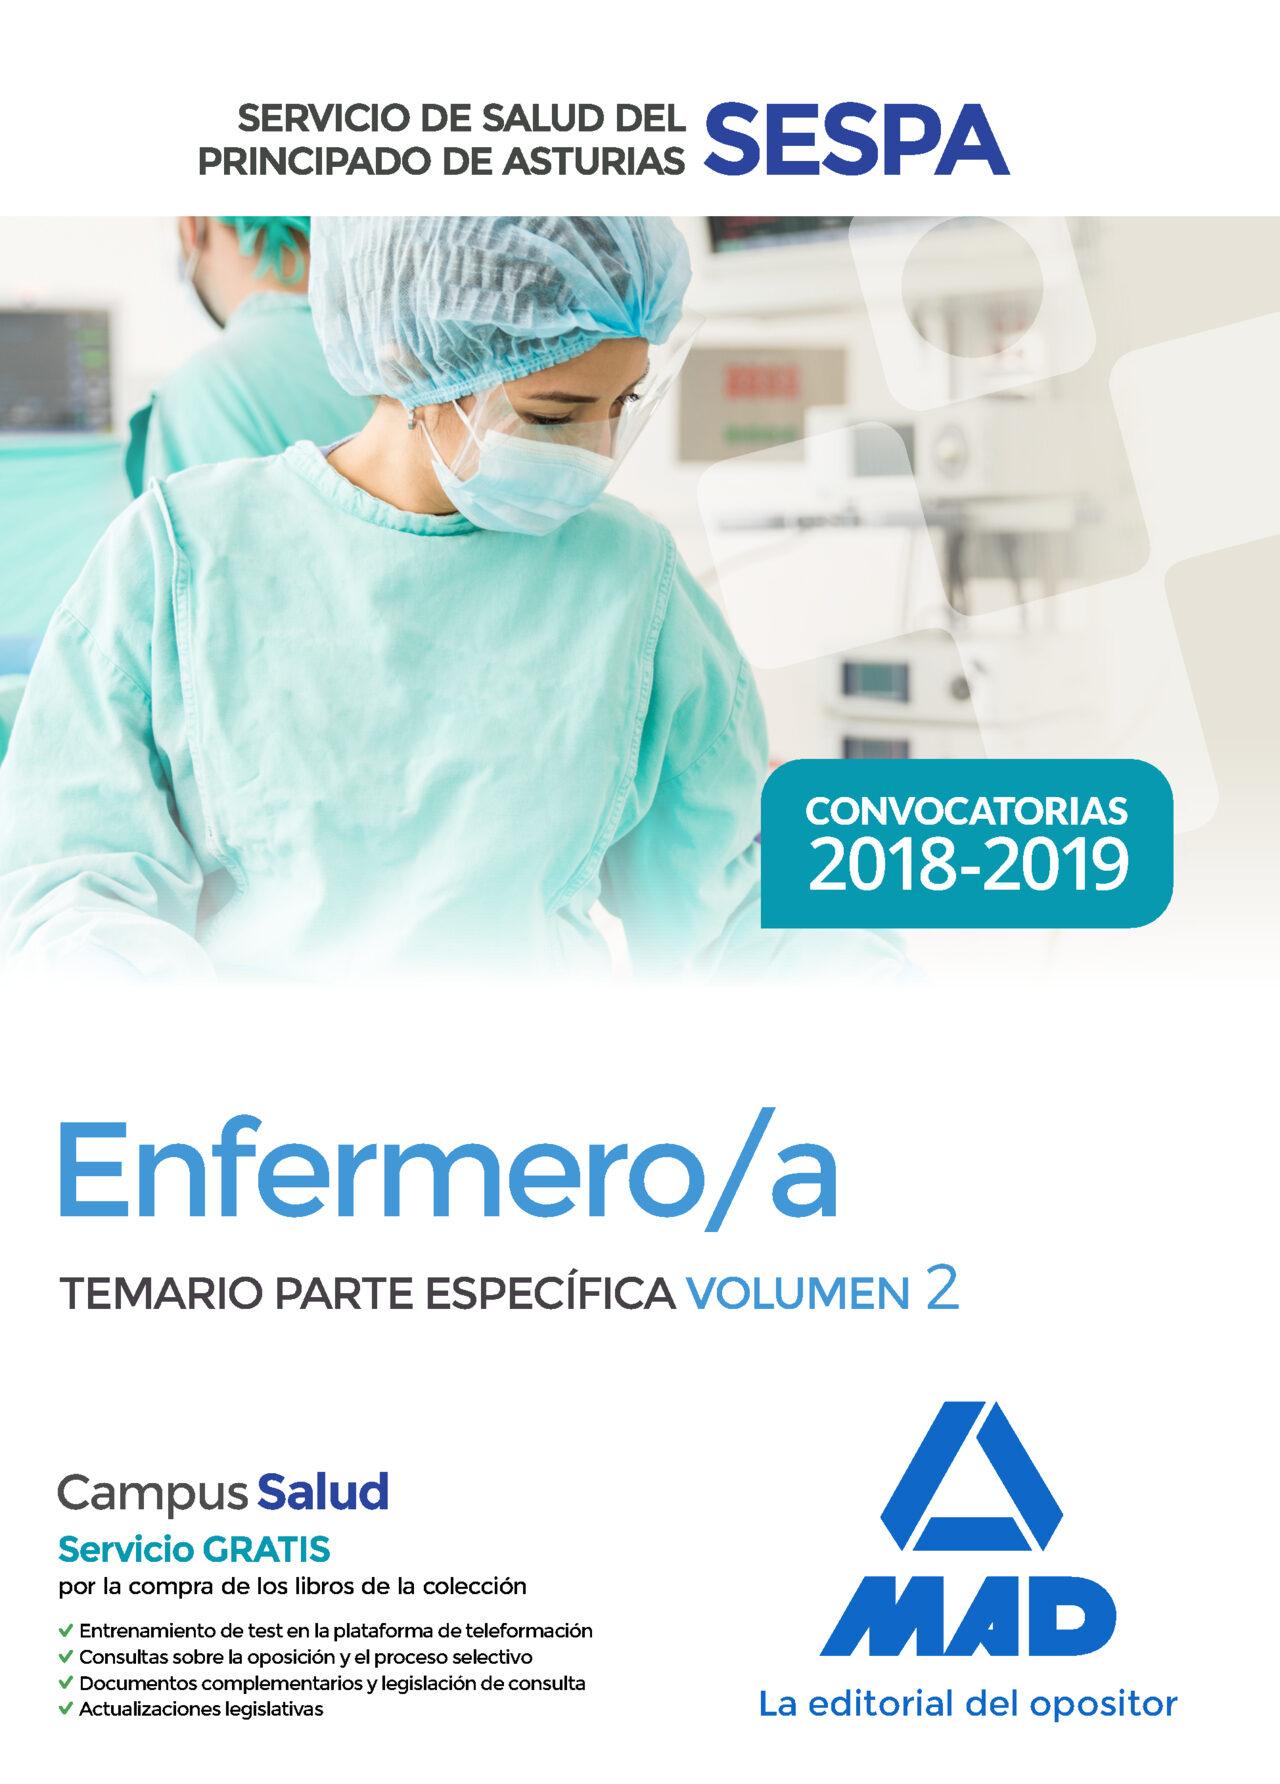 Enfermero/a Del Servicio De Salud Del Principado De Asturias (sespa). Temario Parte Especifica (vol. 2) por Vv.aa.